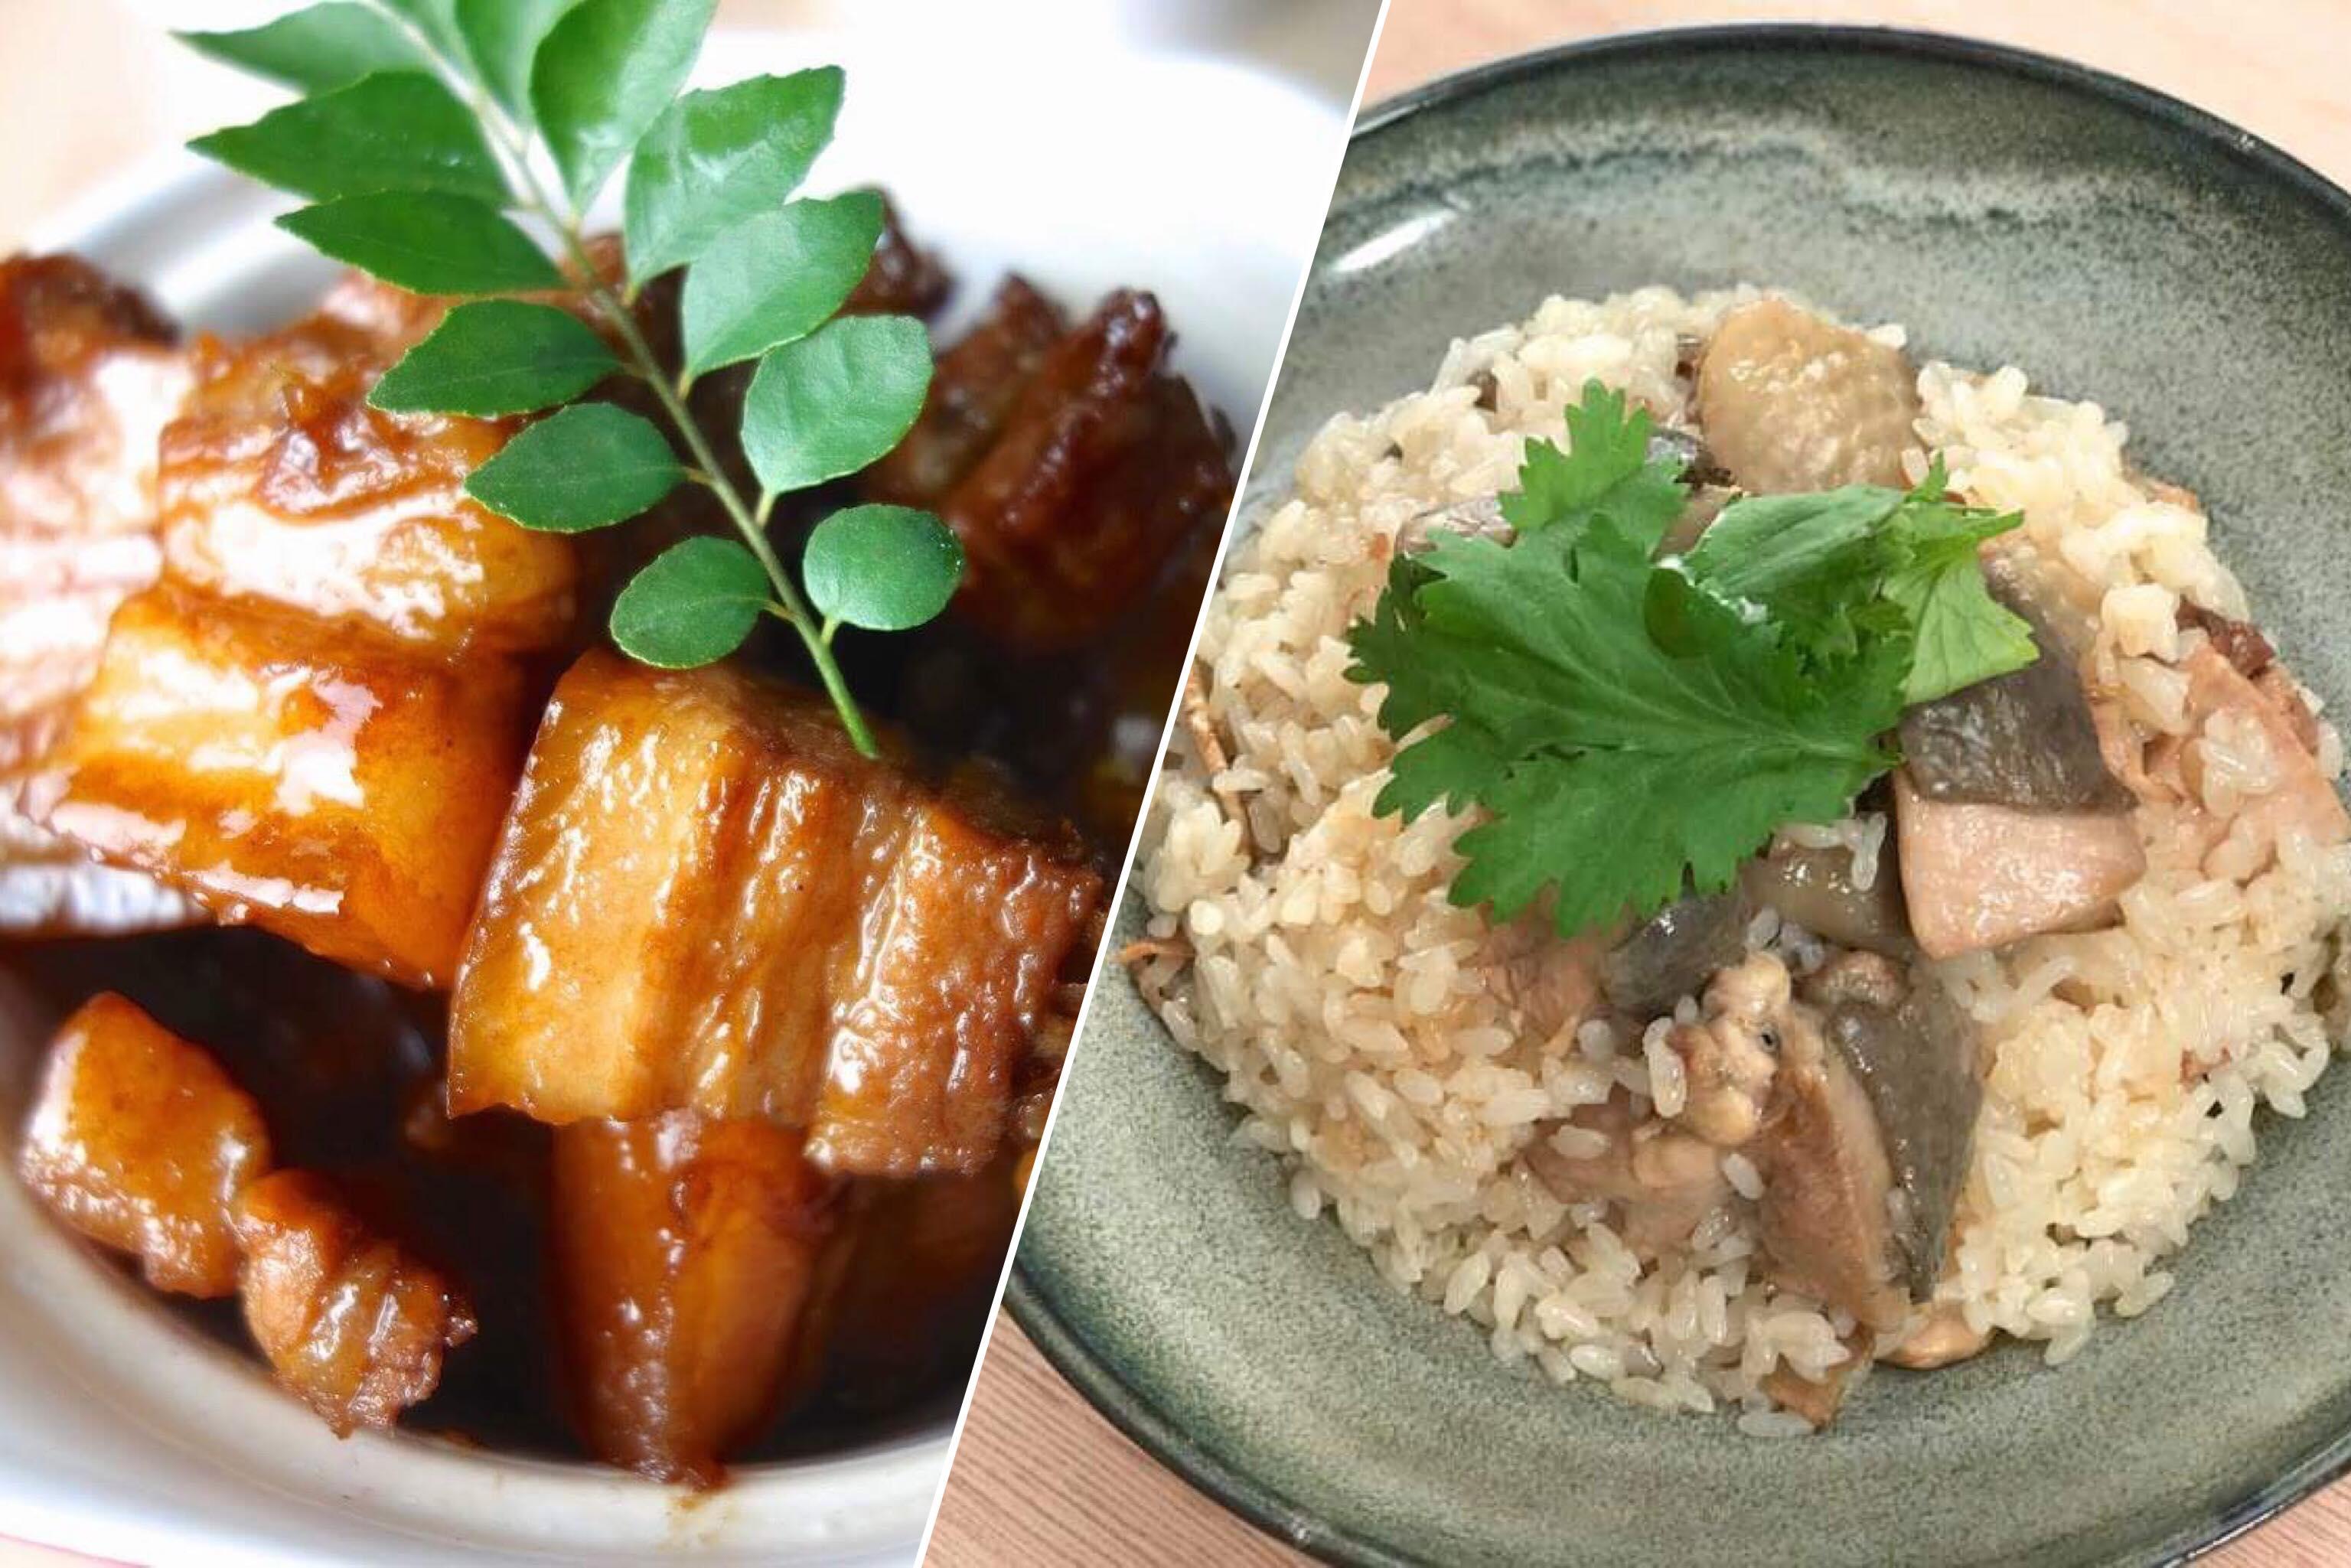 冬季美食排行榜,這 8 道暖心料理讓你煮出暖呼呼的冬天!